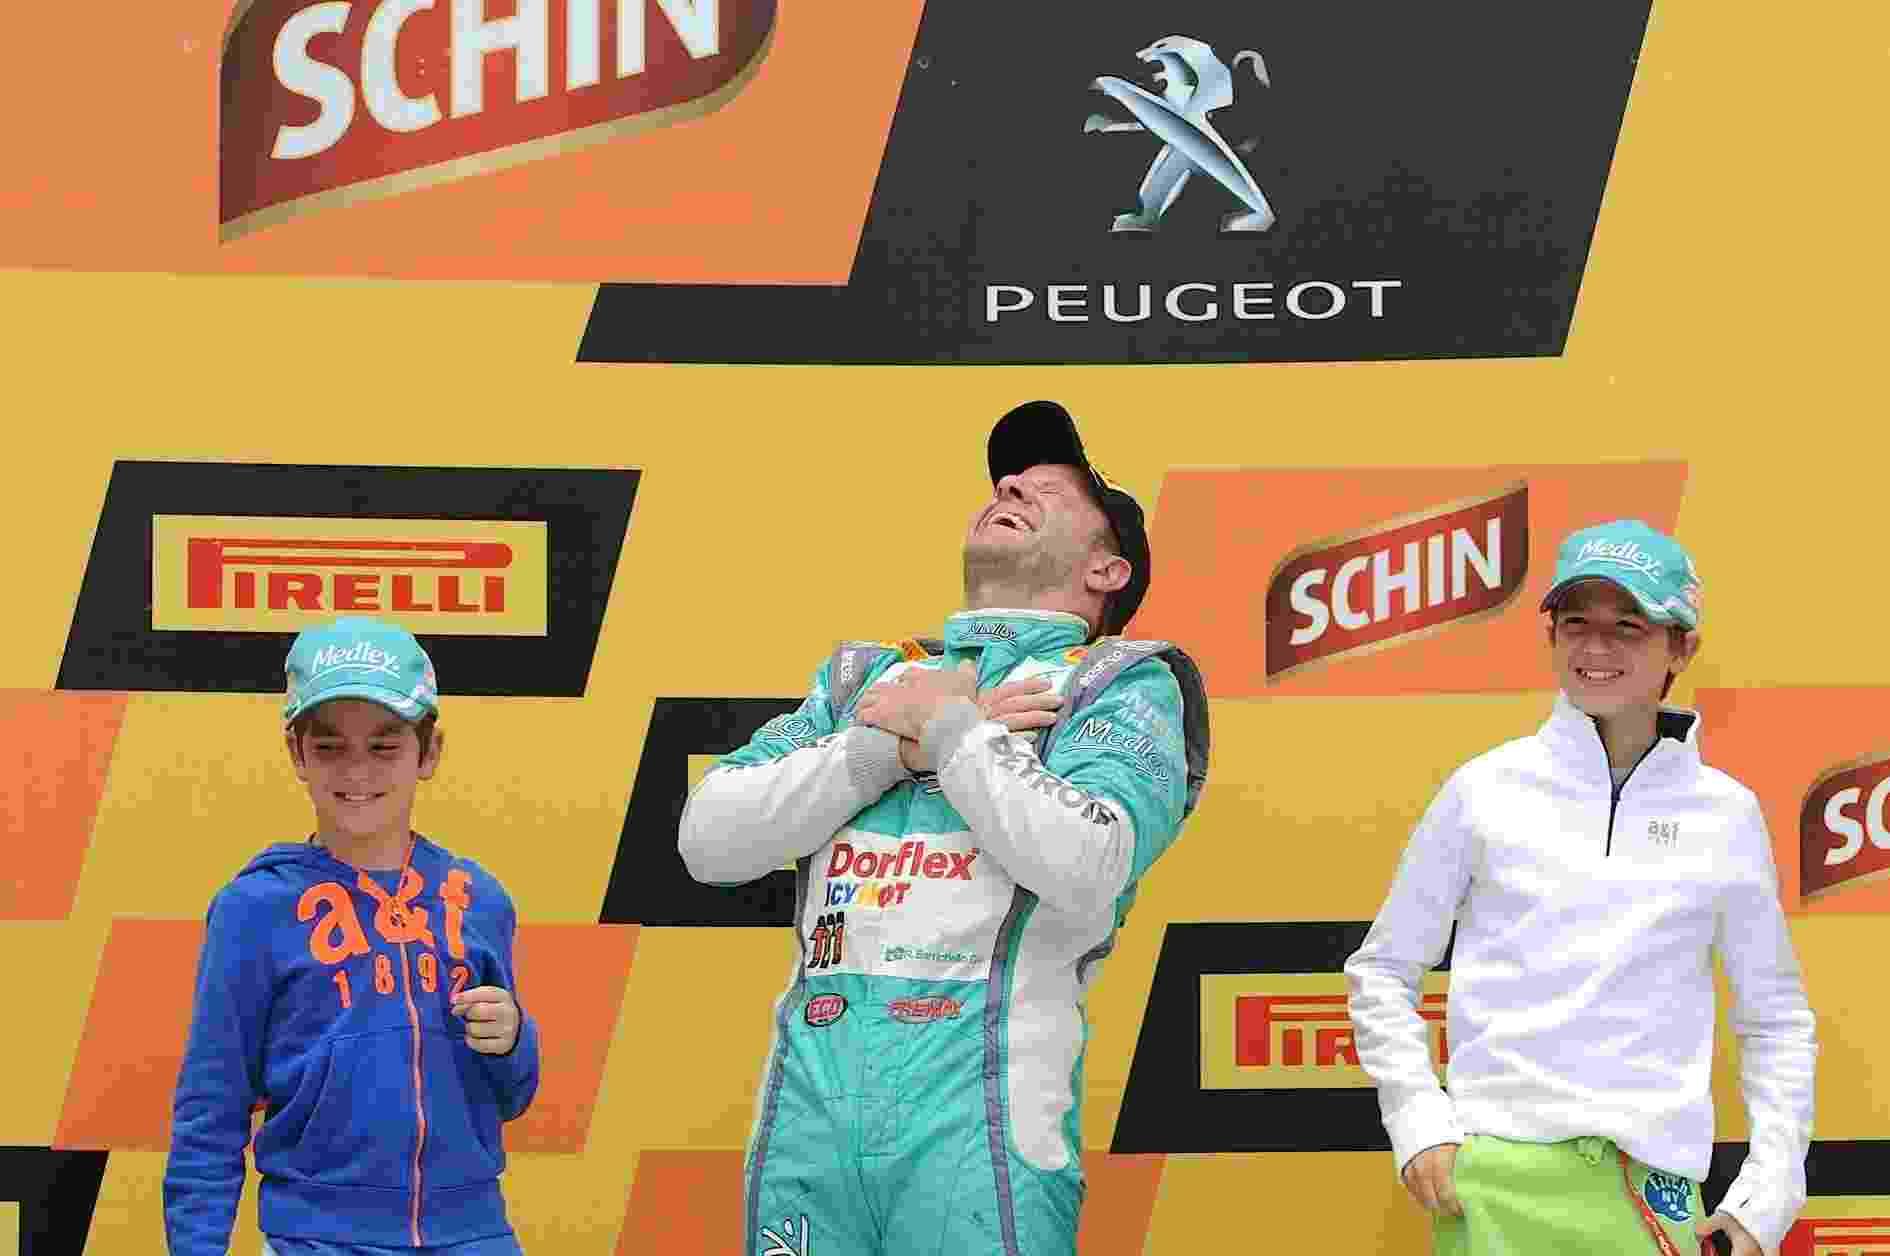 Rubens Barrichello sobe ao pódio com os filhos após ganhar o título da Stock Car em Curitiba - Divulgação